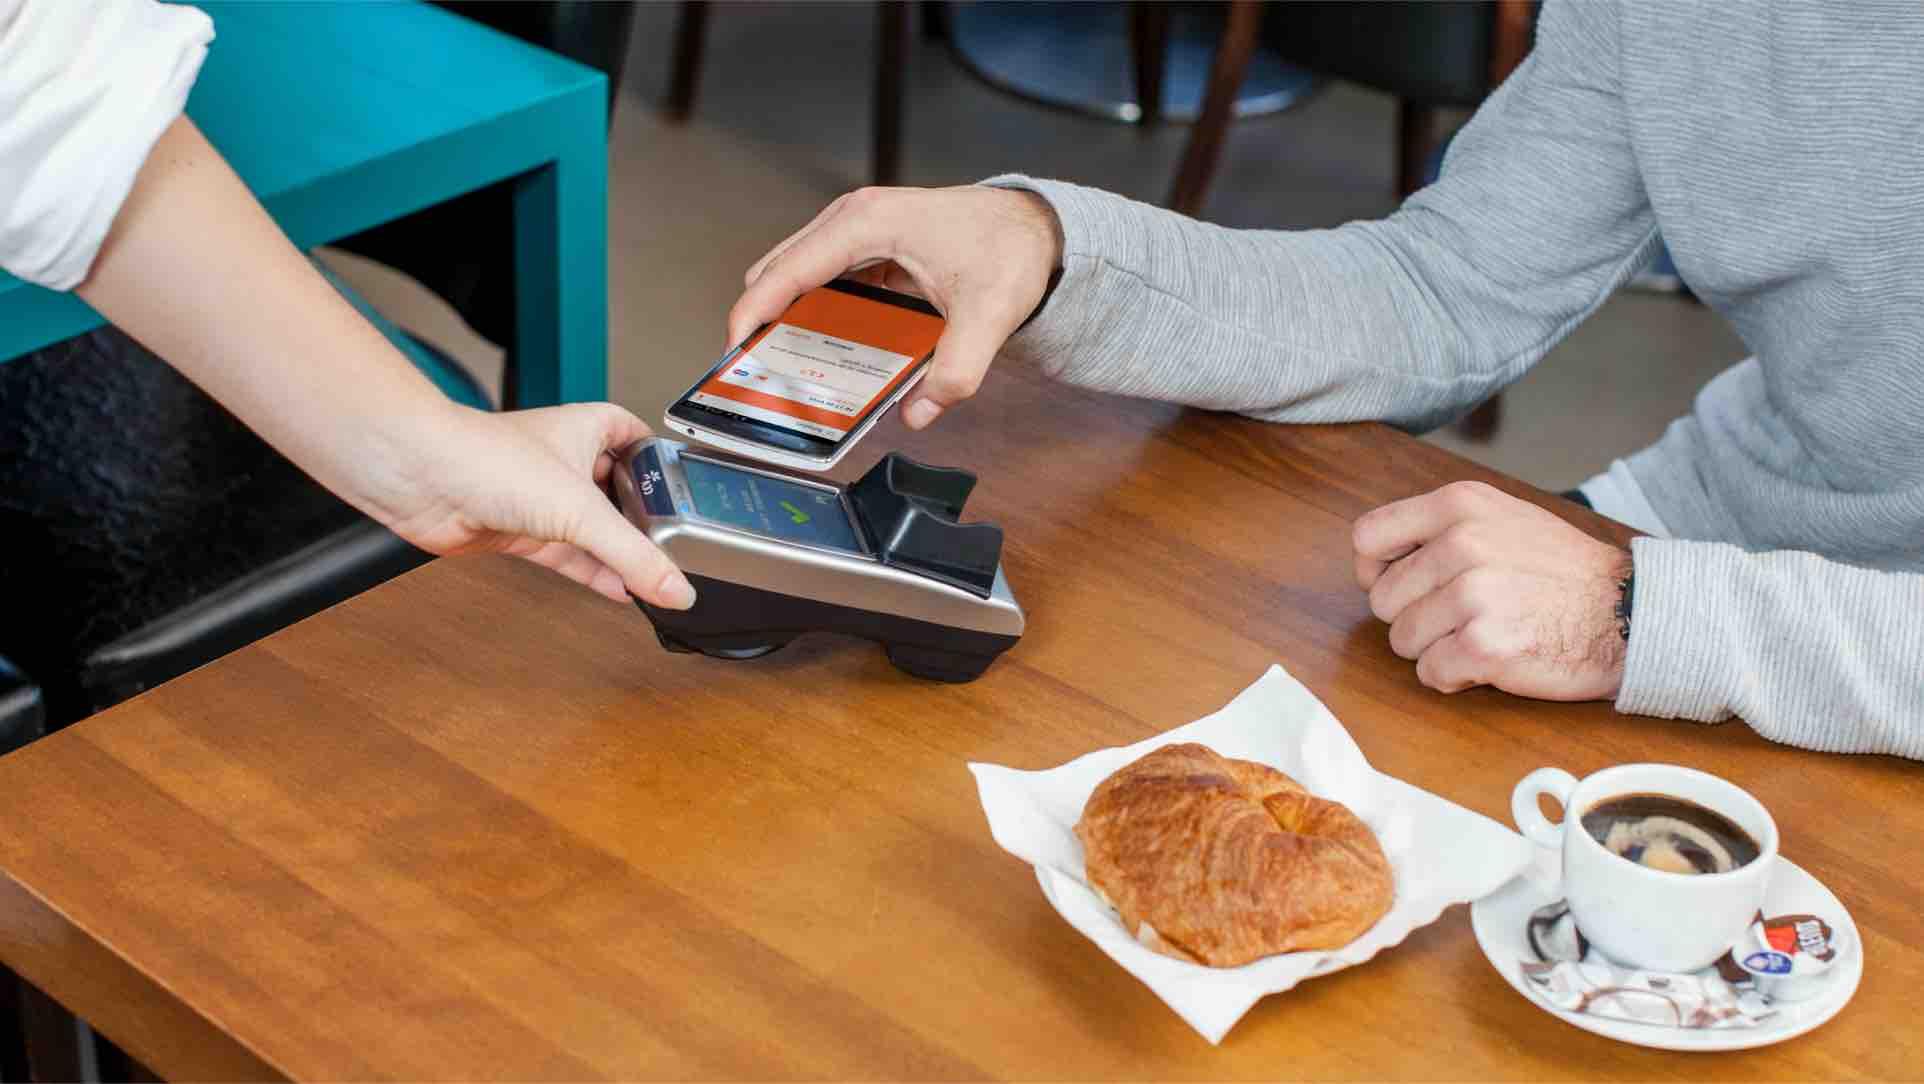 OTP Simple érintéses mobilfizetés